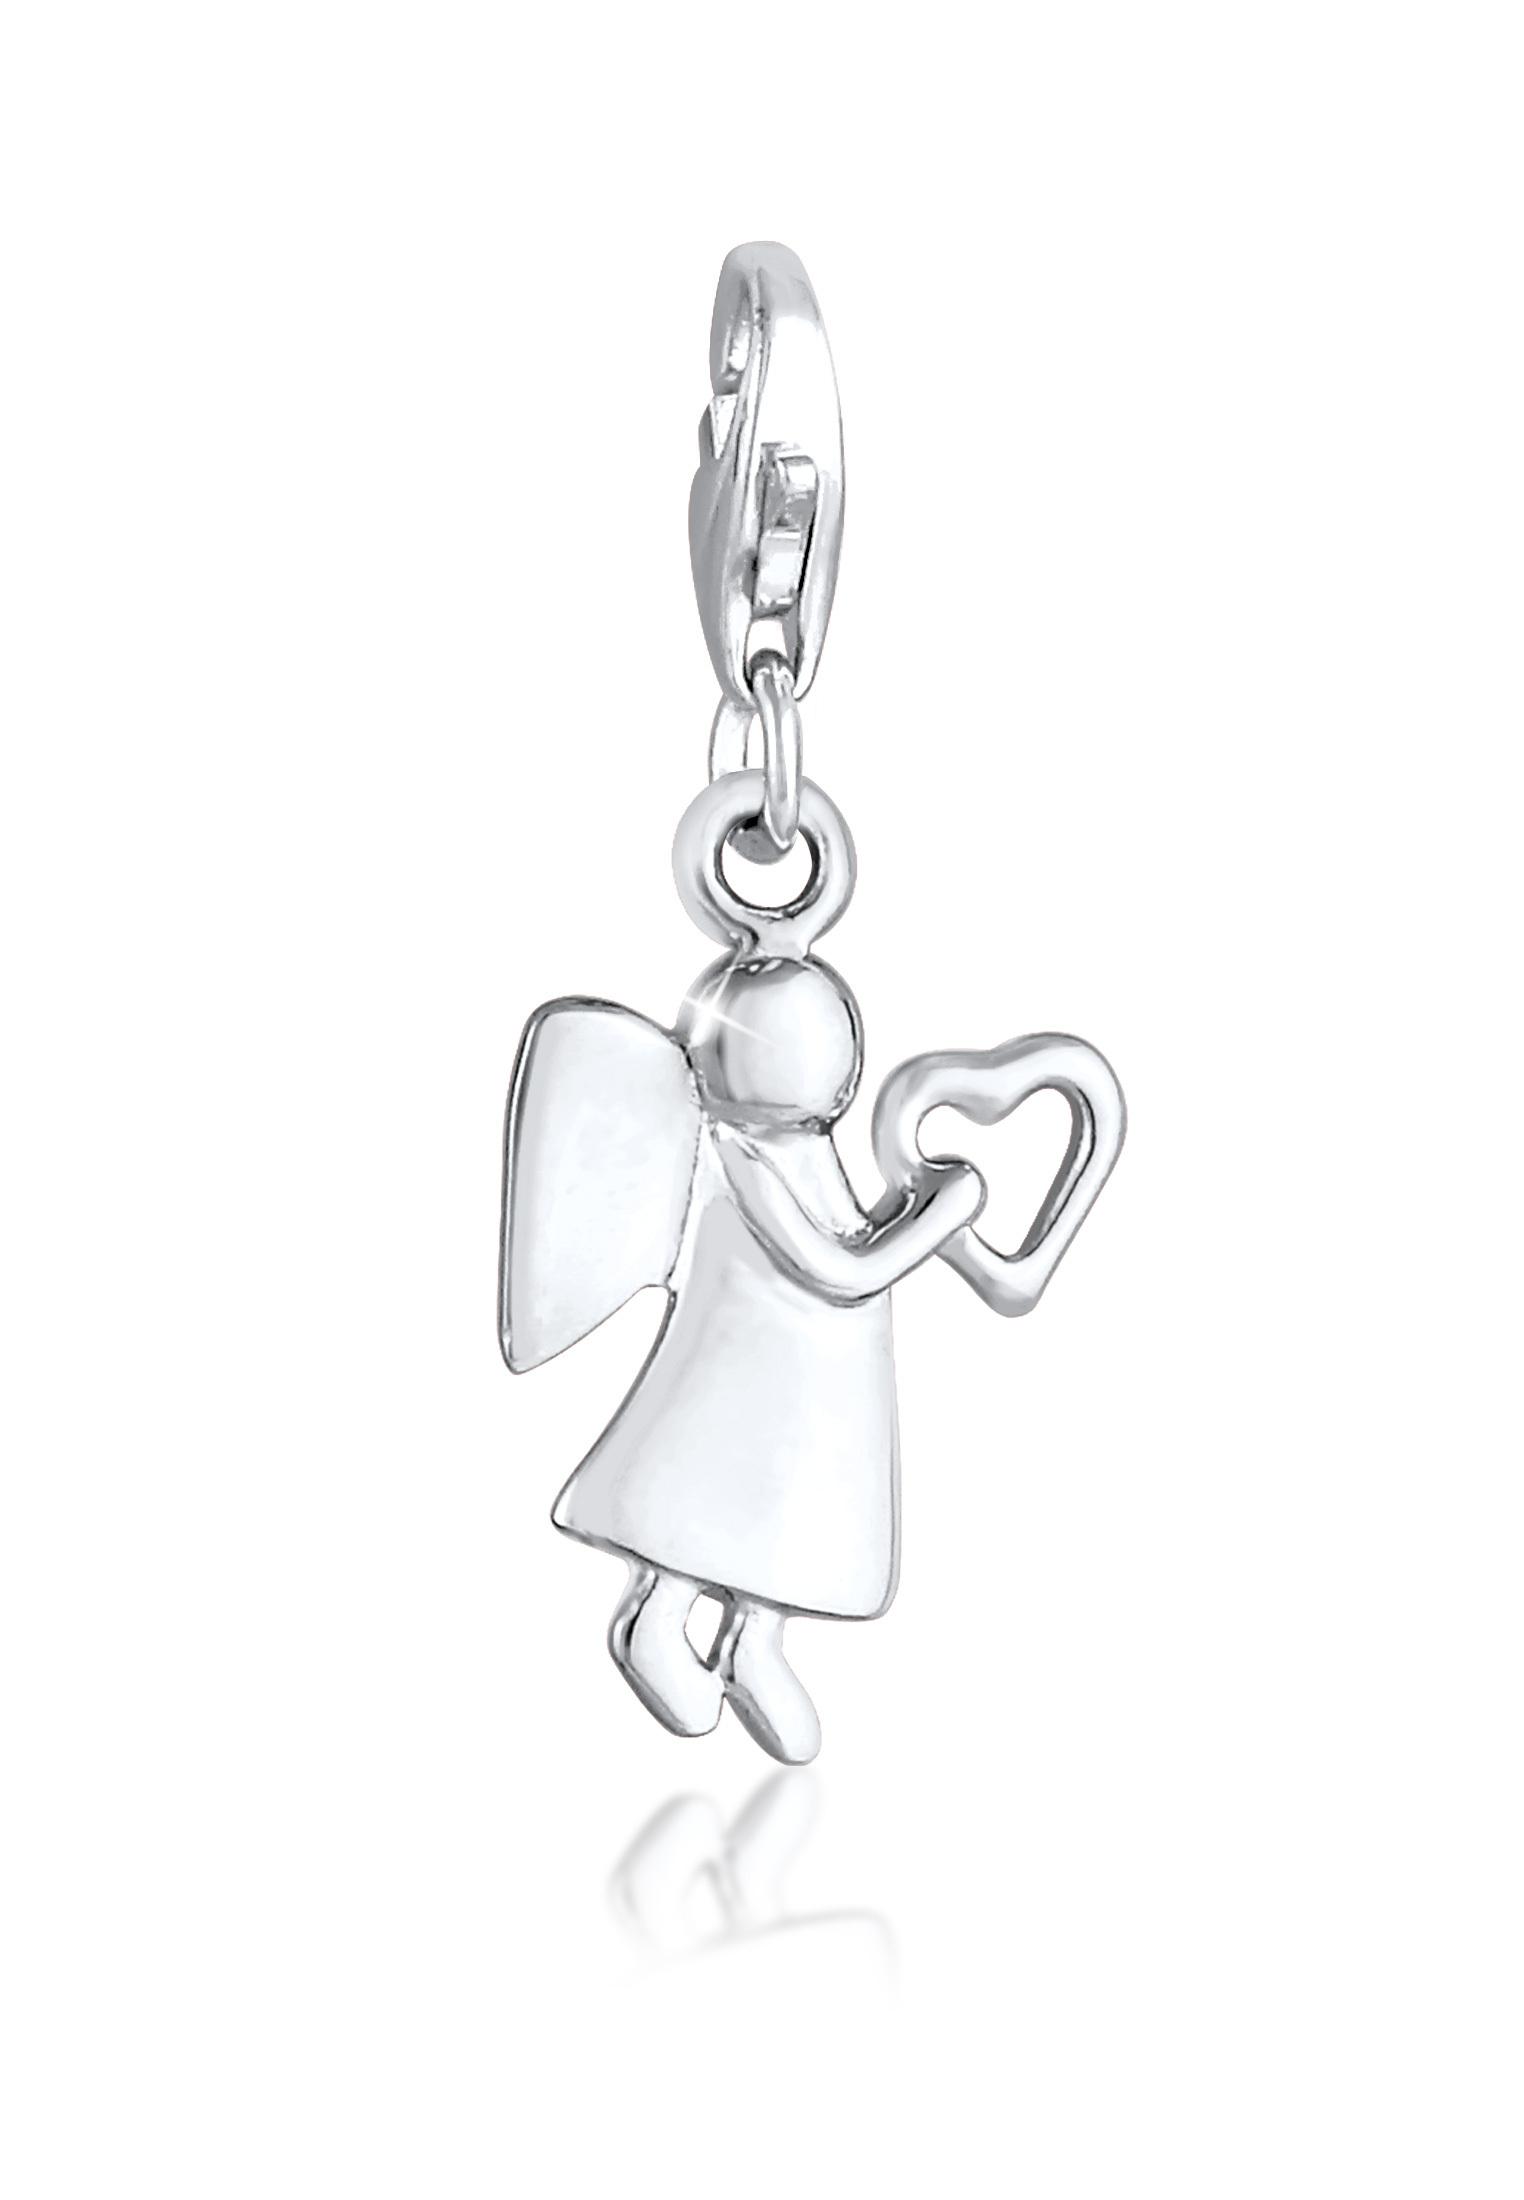 Charm Engel   925er Sterling Silber